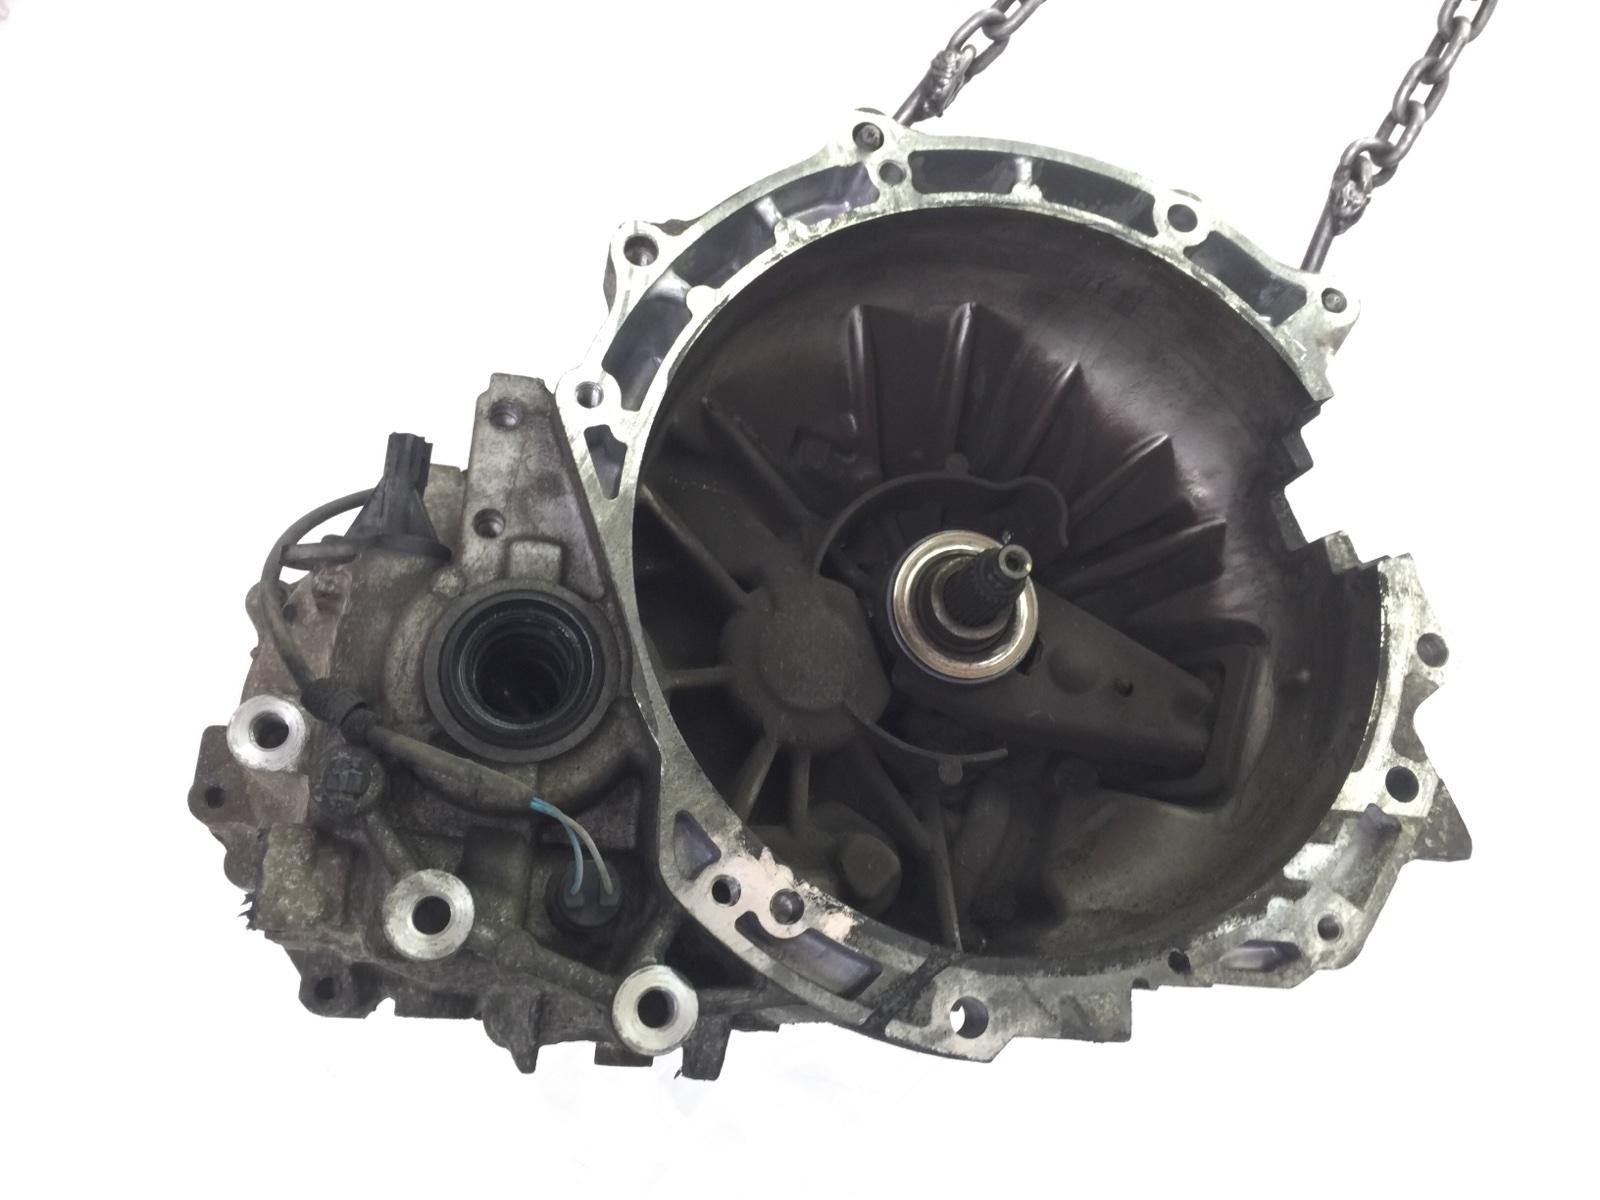 Кпп механическая (мкпп) Mazda 5 2.0 I 2006 (б/у)